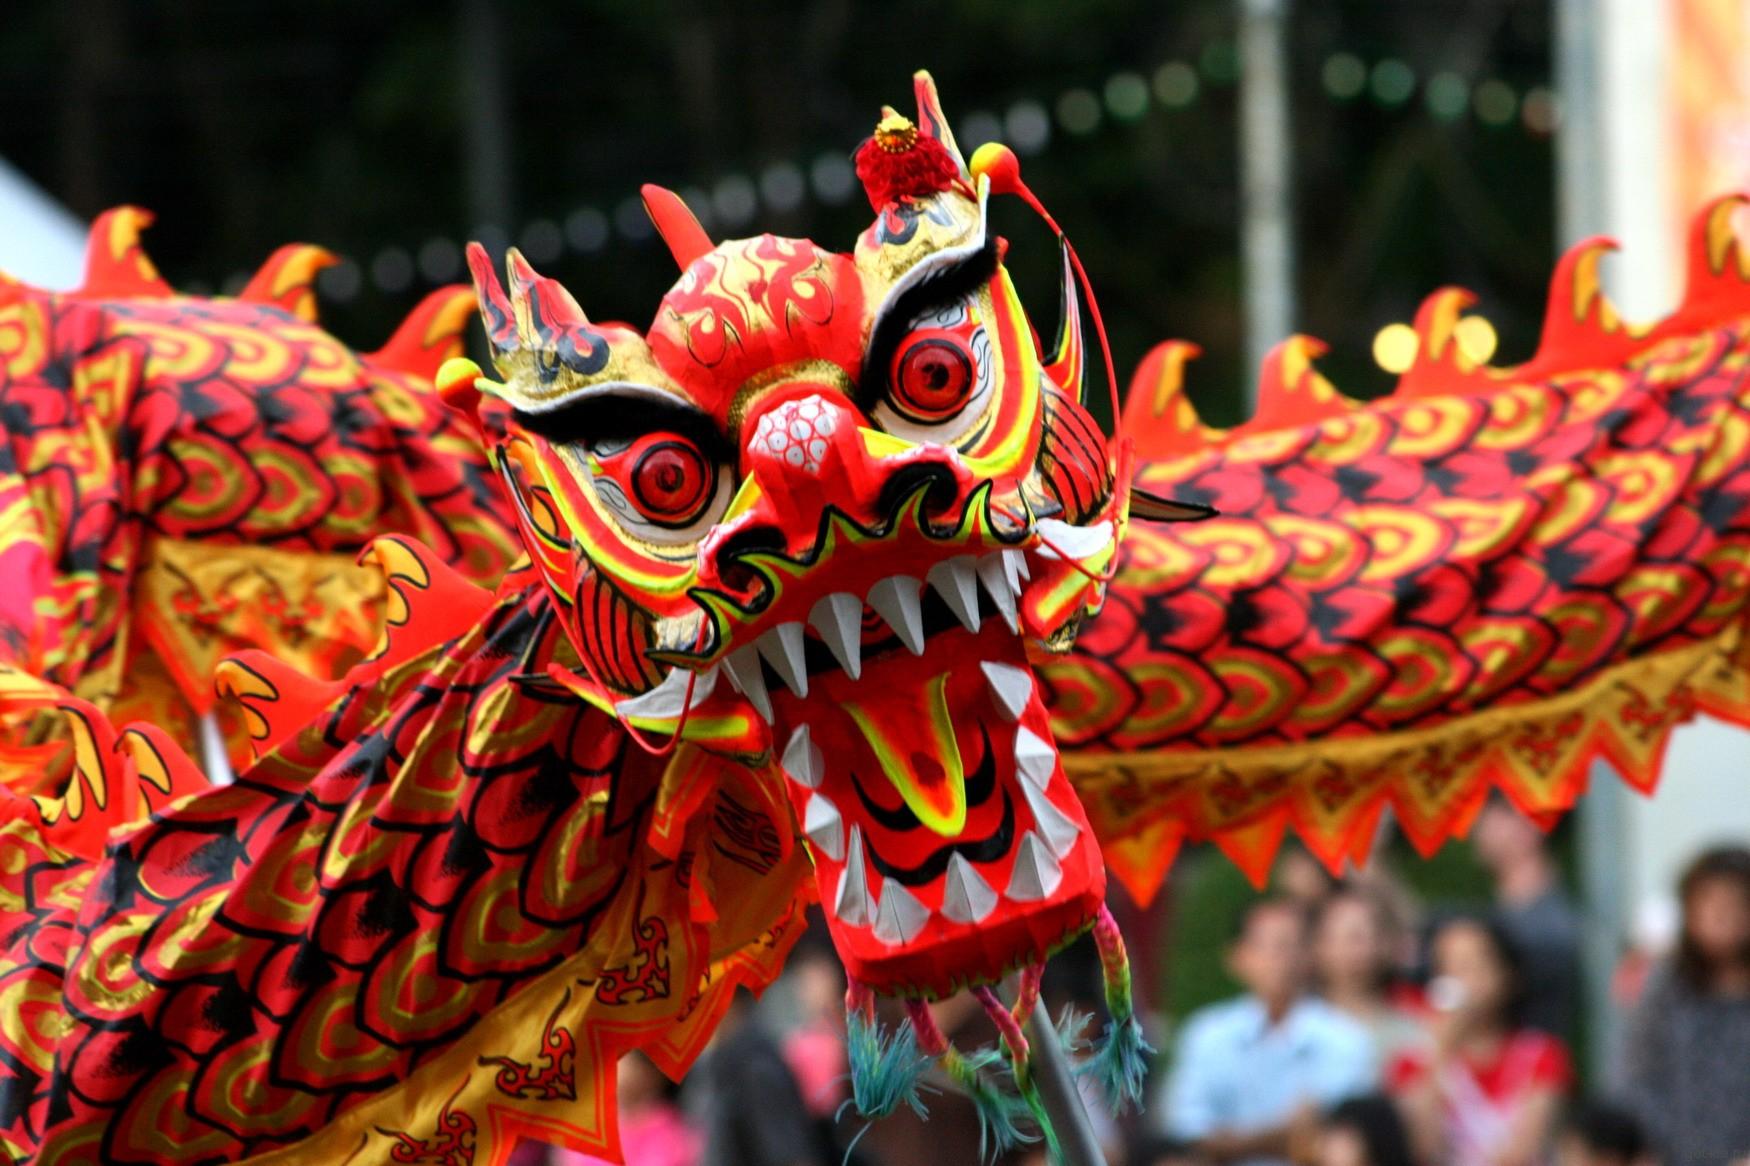 Празднование китайского Нового года в Петербурге начнется в СПбГУ